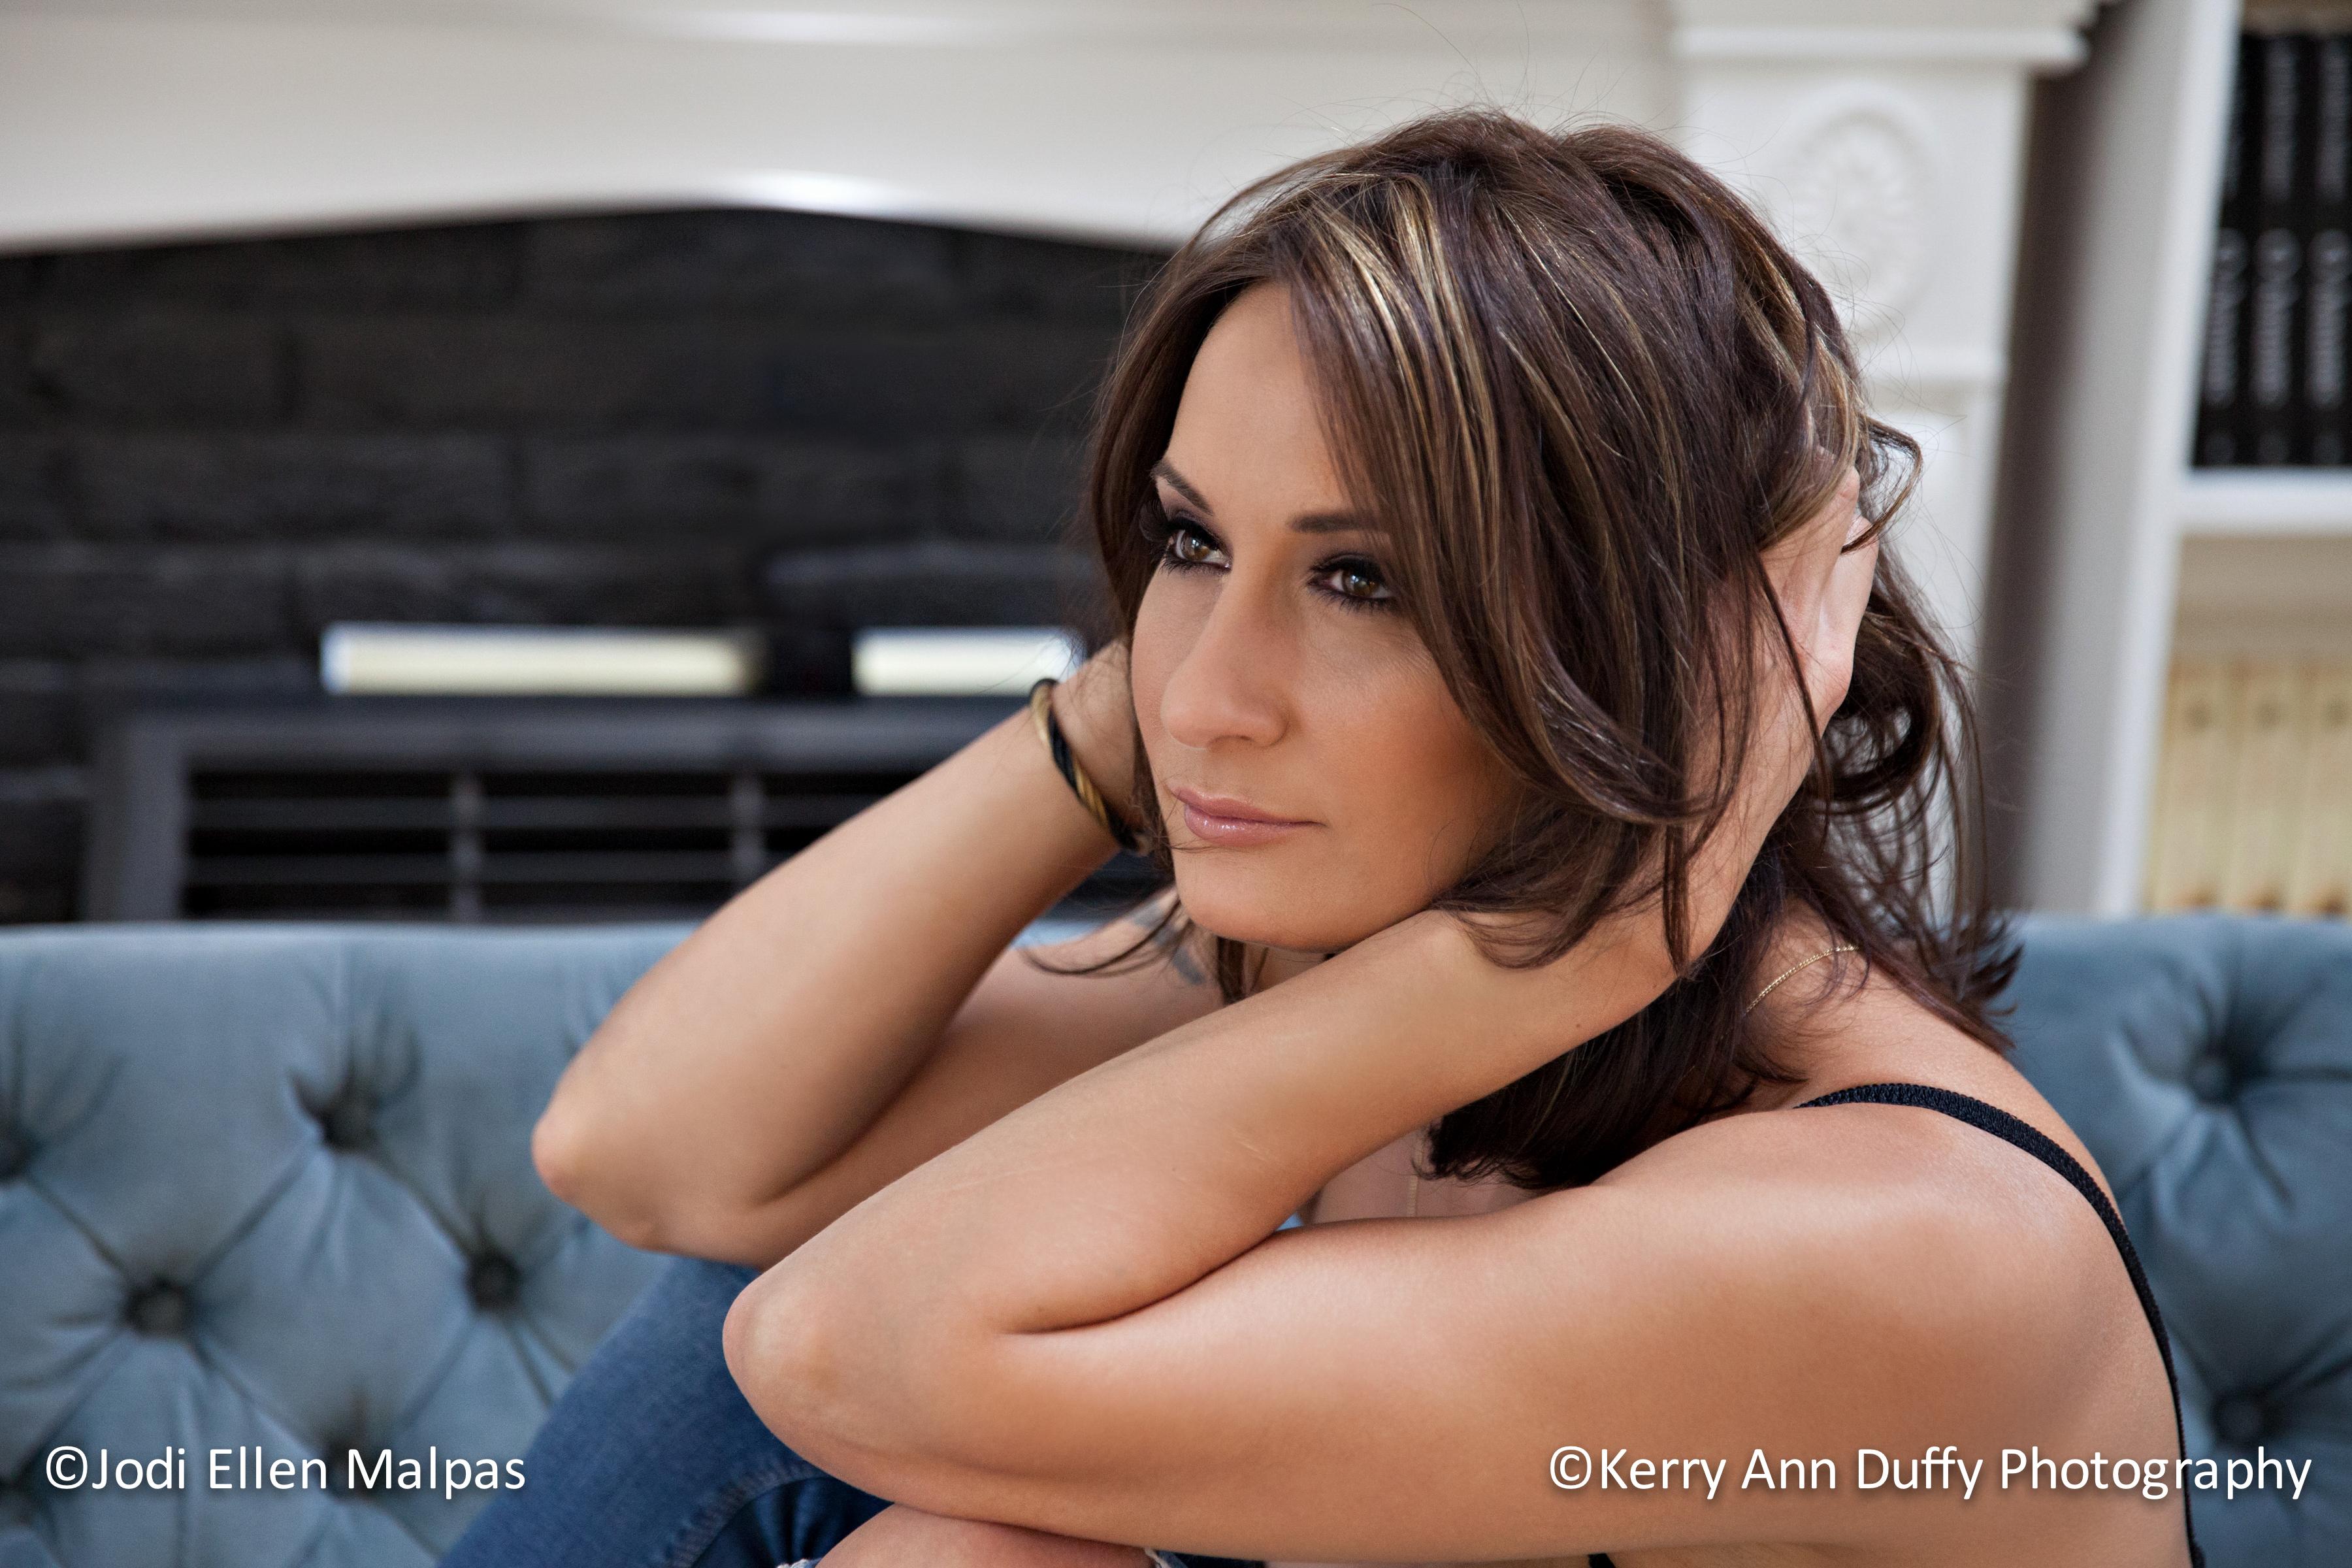 www.kerryannduffy.com